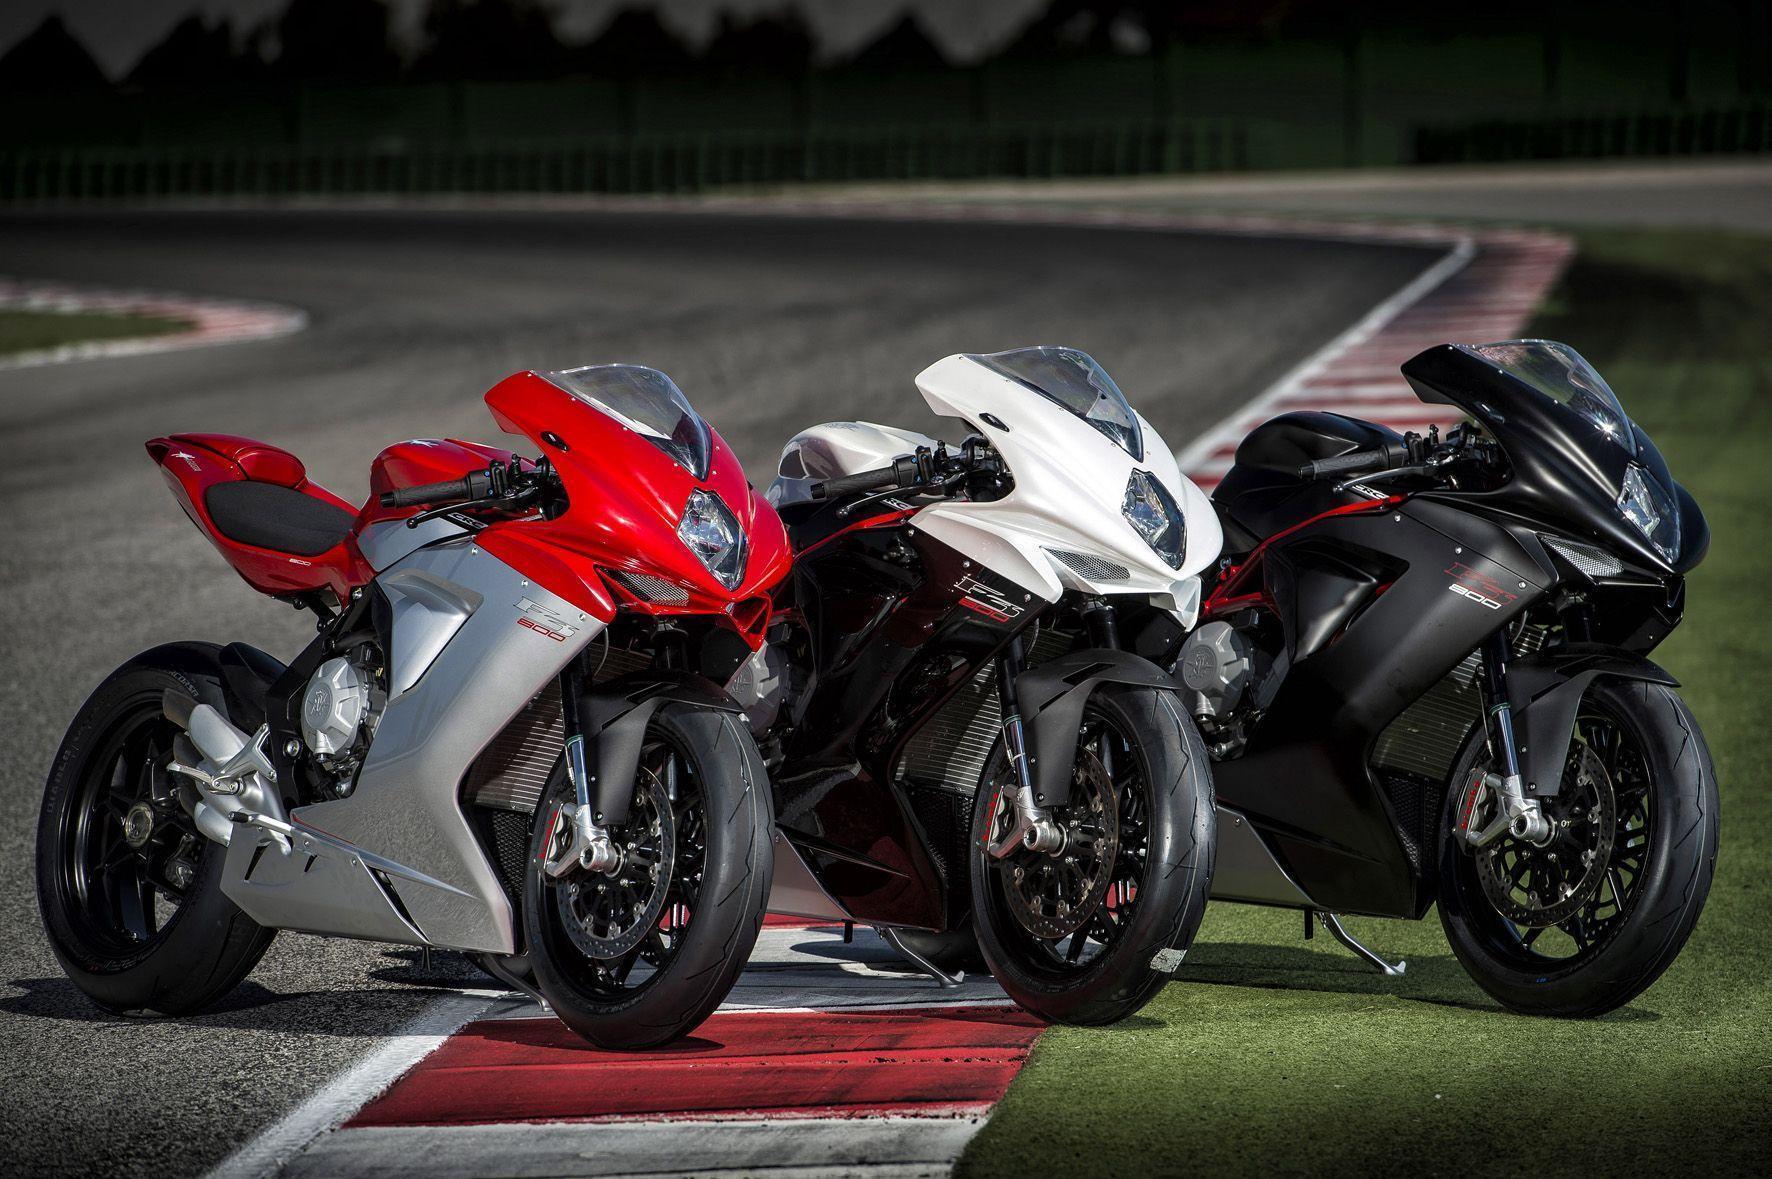 Ducati Superbike Price In Malaysia